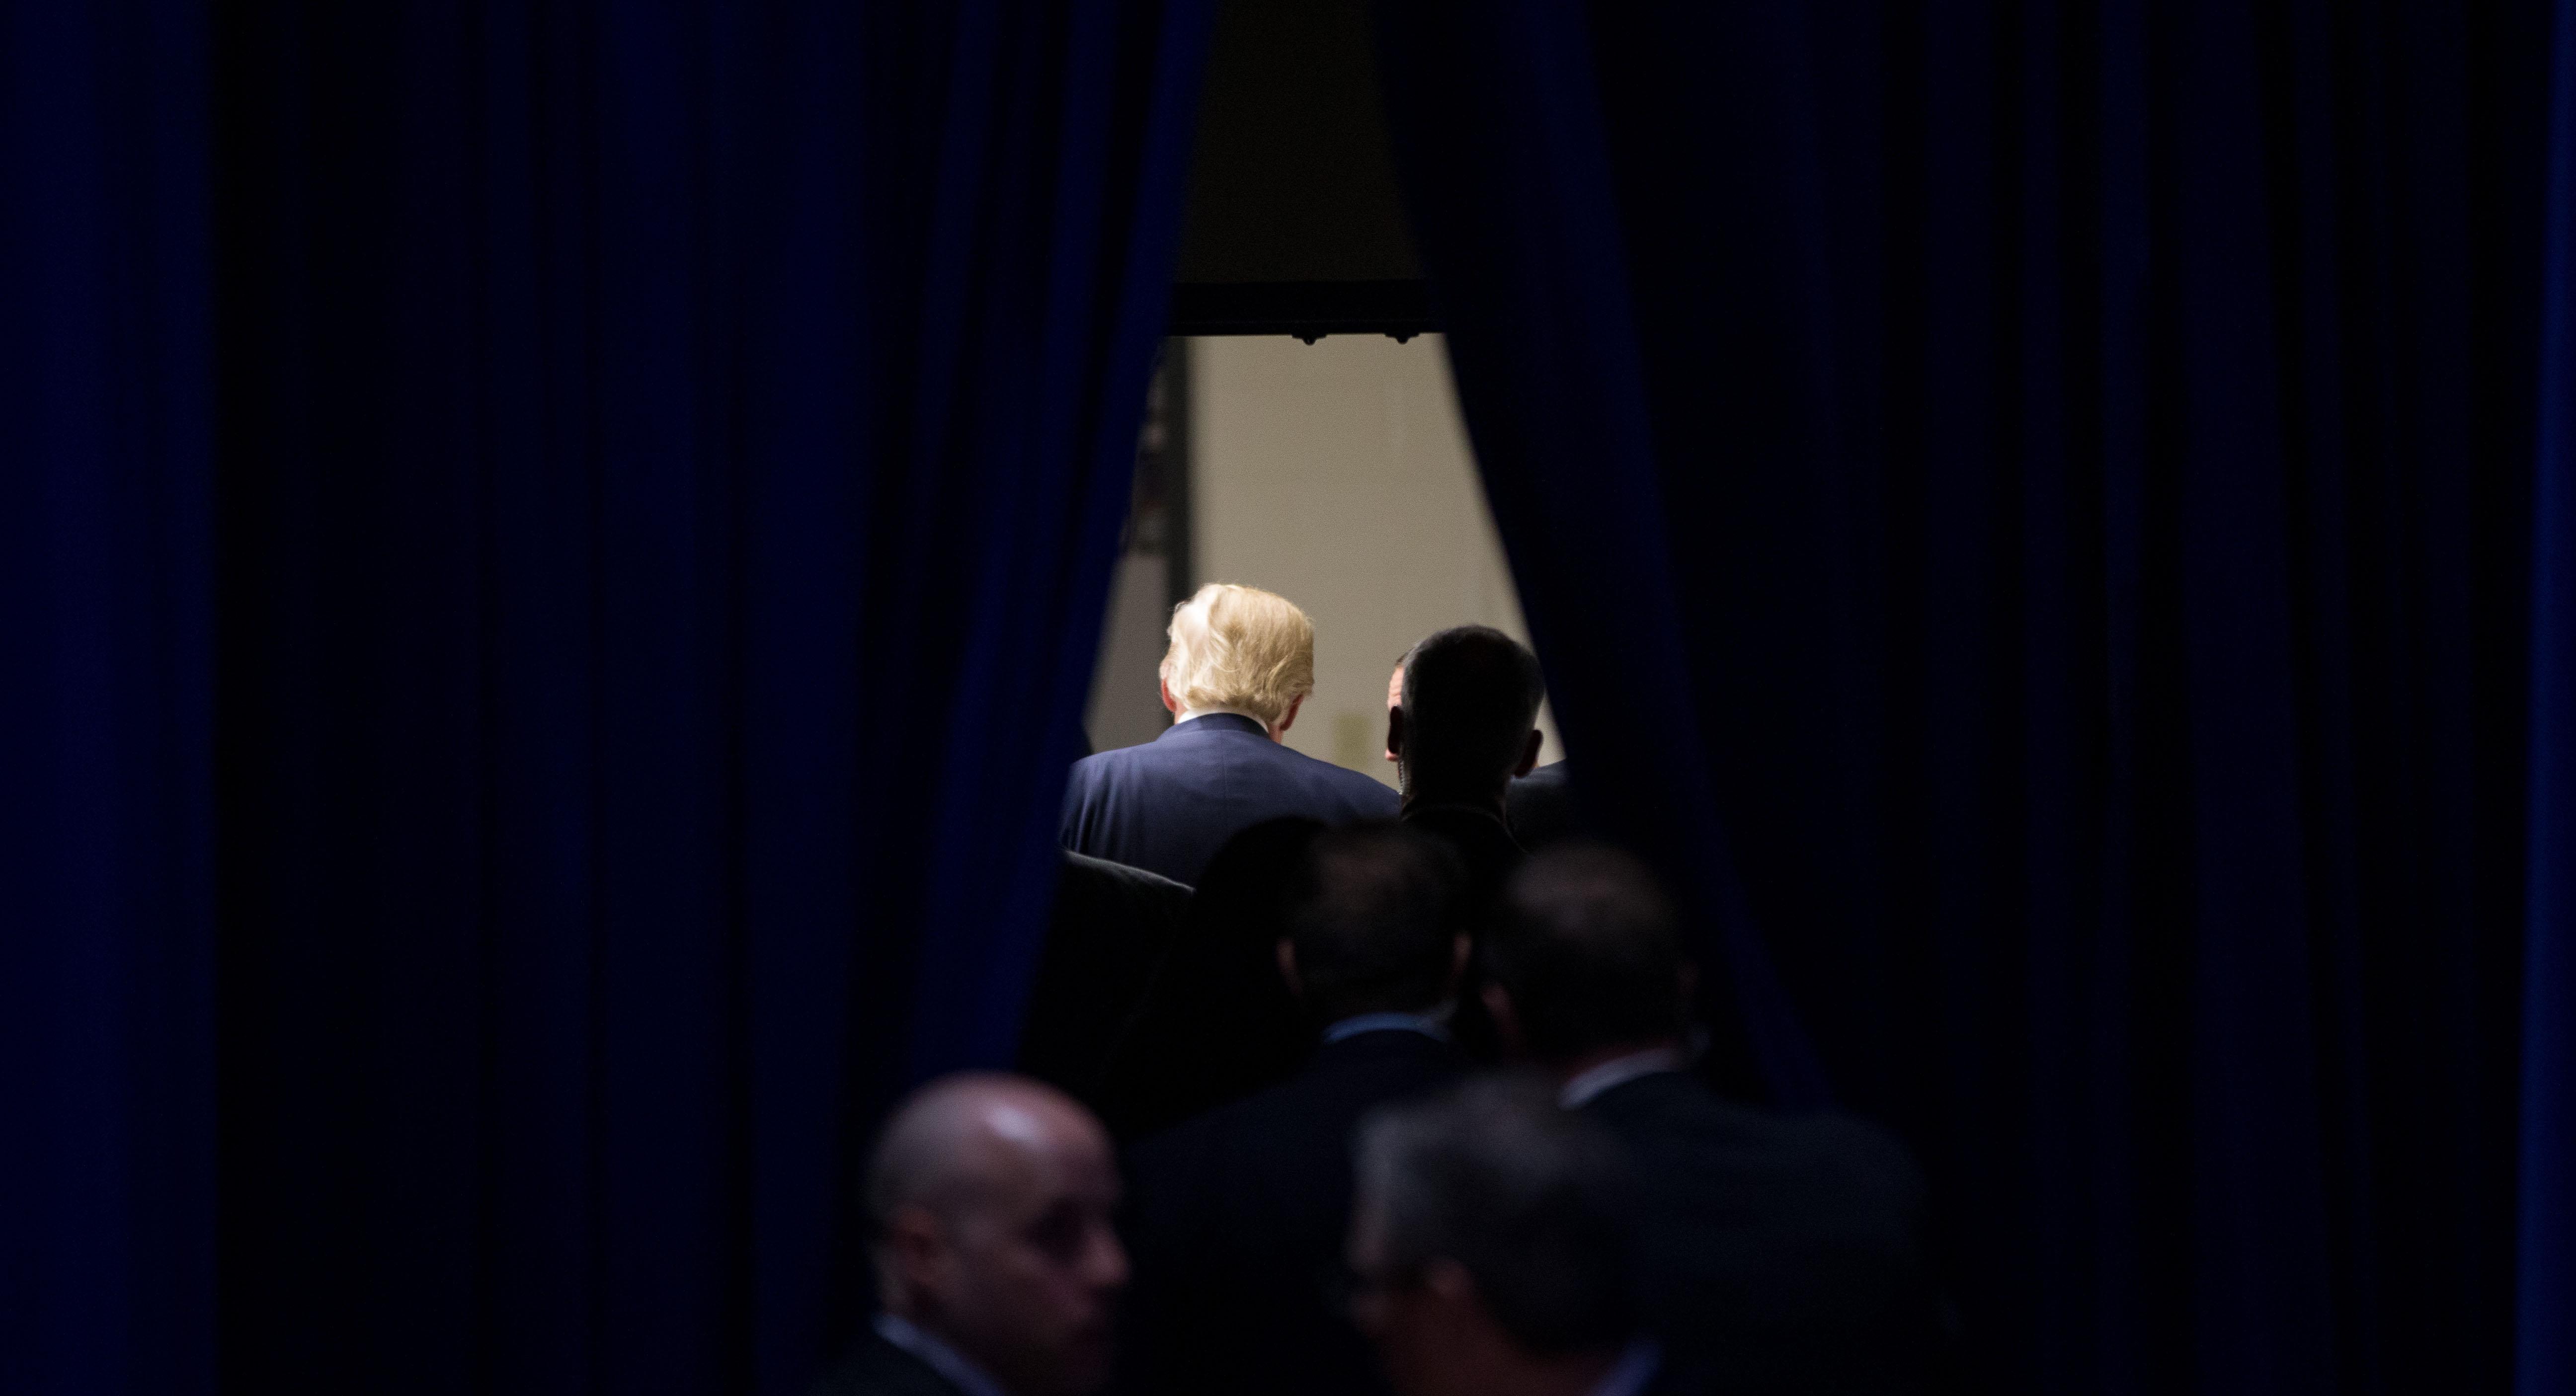 بنظر نتنياهو: فوز ترامب رحلة نحو المجهول